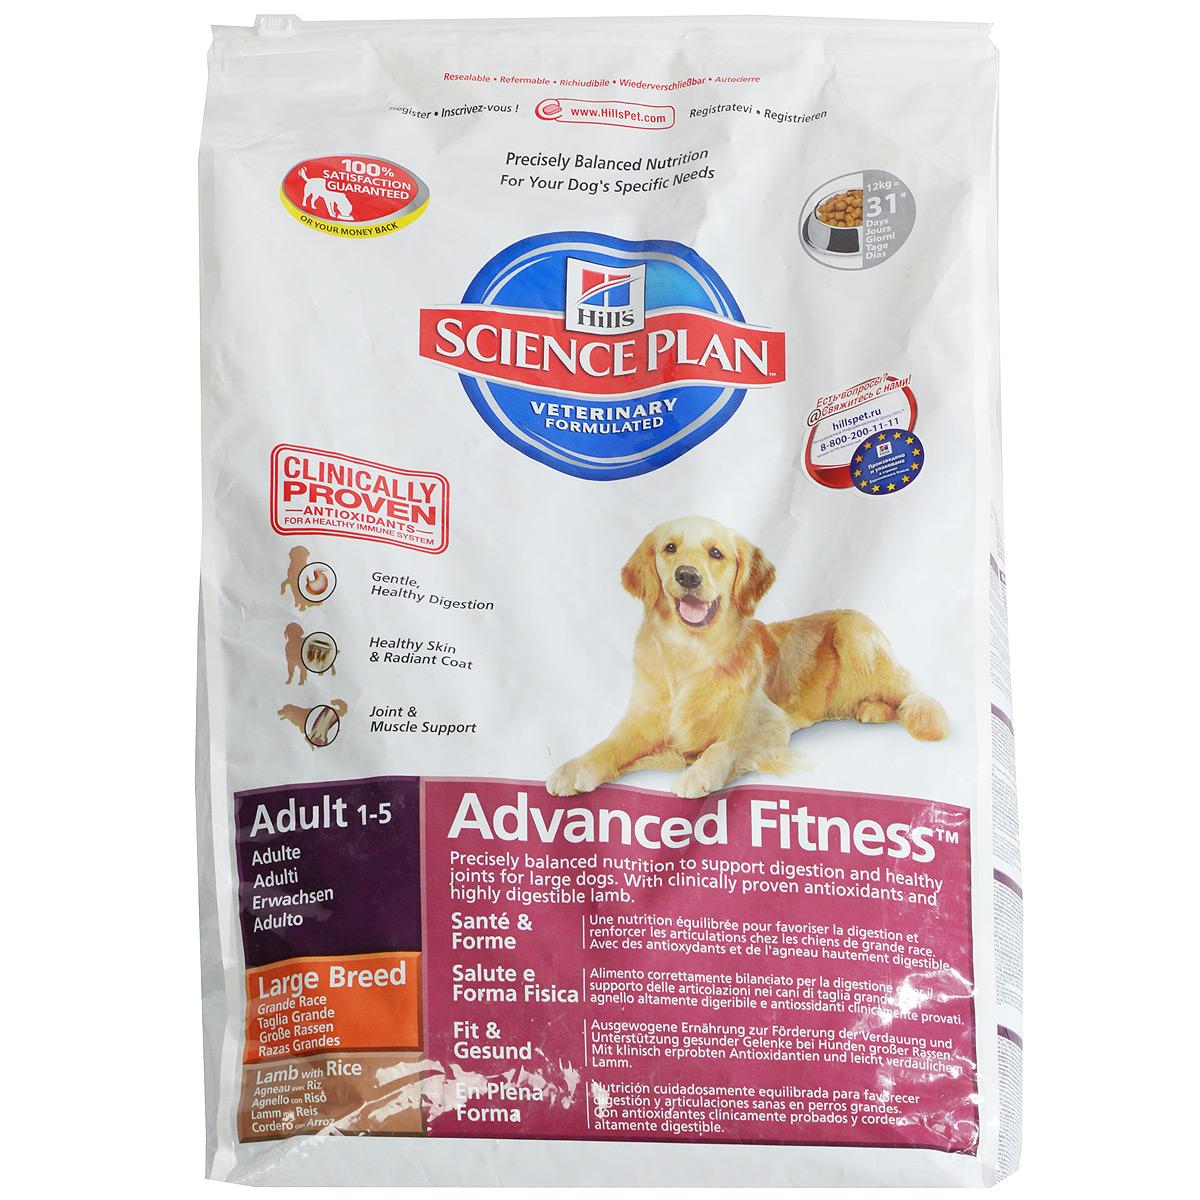 Корм сухой Hills Advanced Fitness для взрослых собак крупных пород, с ягненком и рисом, 12 кг9271Корм сухой Hills Advanced Fitness предназначен для взрослых собак крупных пород в возрасте от 1 года до 5 лет. Высокое содержание незаменимых жирных кислот способствует поддержанию здоровья нервной и иммунной систем, а также улучшает состояние кожи и шерсти. Глюкозамин и хондроитин из натуральных источников поддерживает гибкость и здоровье связок и суставов. Высококачественные протеины поддерживают сухую мышечную массу. Изготовлен из высококачественного мяса ягненка и содержит исключительно натуральные компоненты. Состав: мясо ягненка (минимум 26%), молотый рис (минимум 4%), цельнозерновая пшеница, сорго, молотый ячмень, мука из кукурузного глютена, коричневый рис, животный жир, мука из куриной печени, соевое масло, сушеная свекольная мякоть, молочная кислота, хлористый калий, льняное семя, L-лизин, йодированная соль, холина хлорид, витамины (витамин E, L-аскорбил-2-полифосфат (источник витамина C), ниацин (витамин PP), мононитрат тиамина (витамин B1), витамин A,...